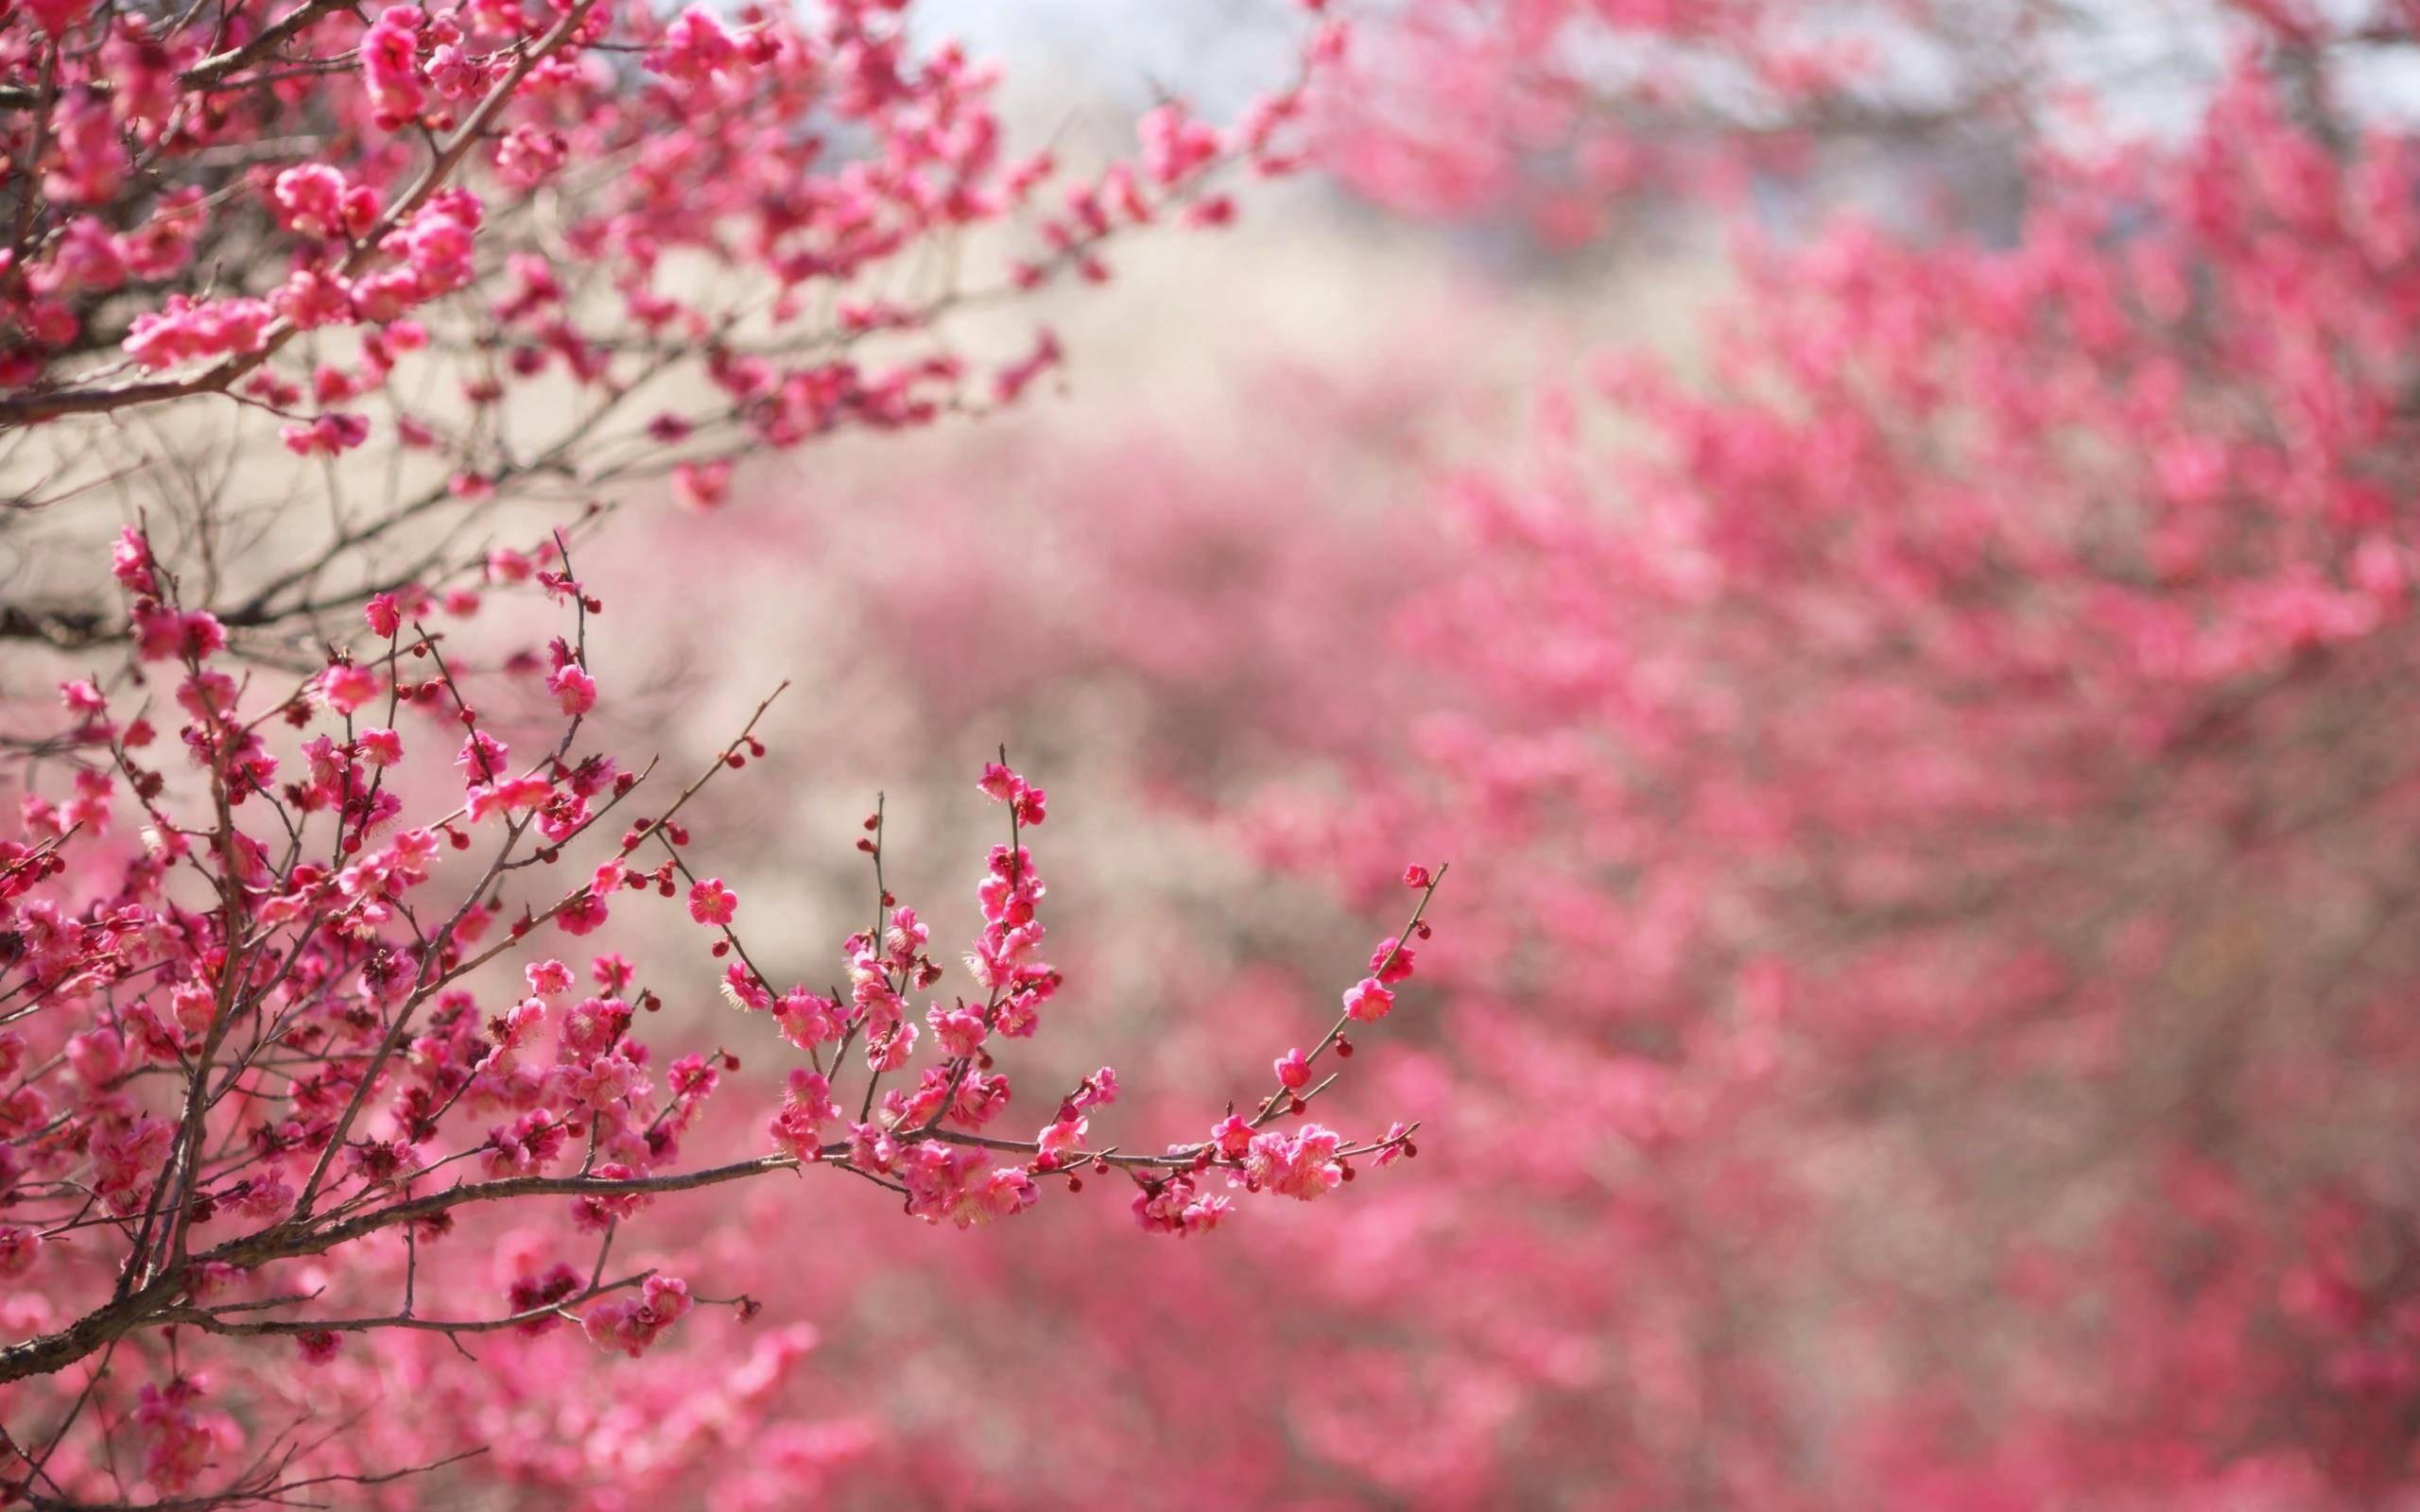 Spring desktop wallpapers backgrounds 65 images - Backgrounds springtime ...